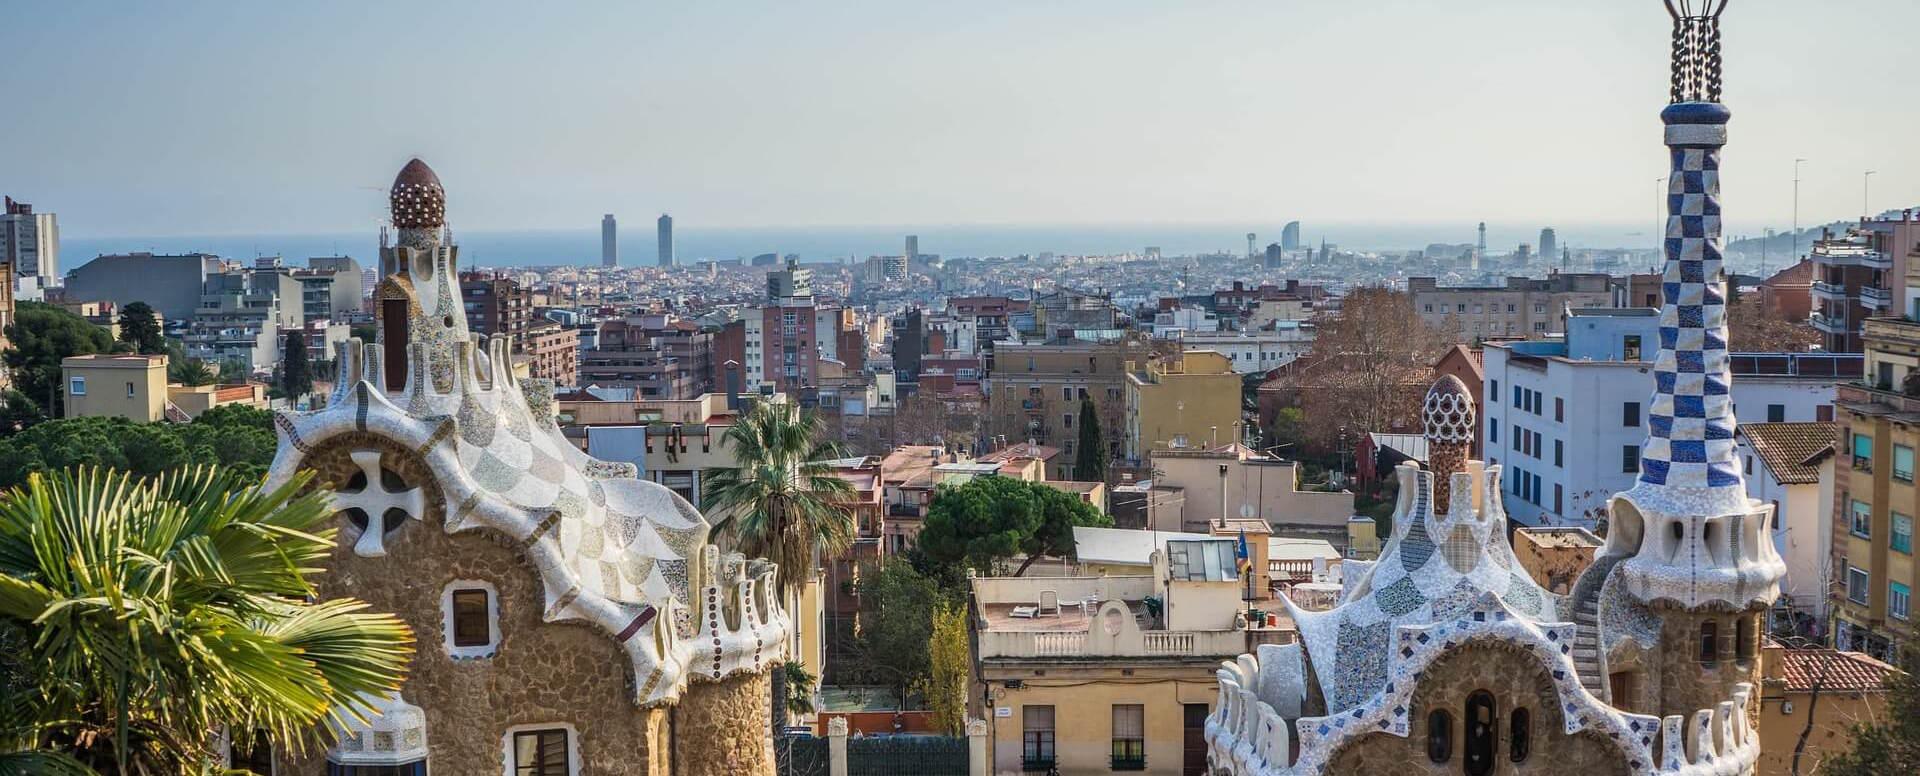 2 - Visite guidée au parc Güell - Barcelone